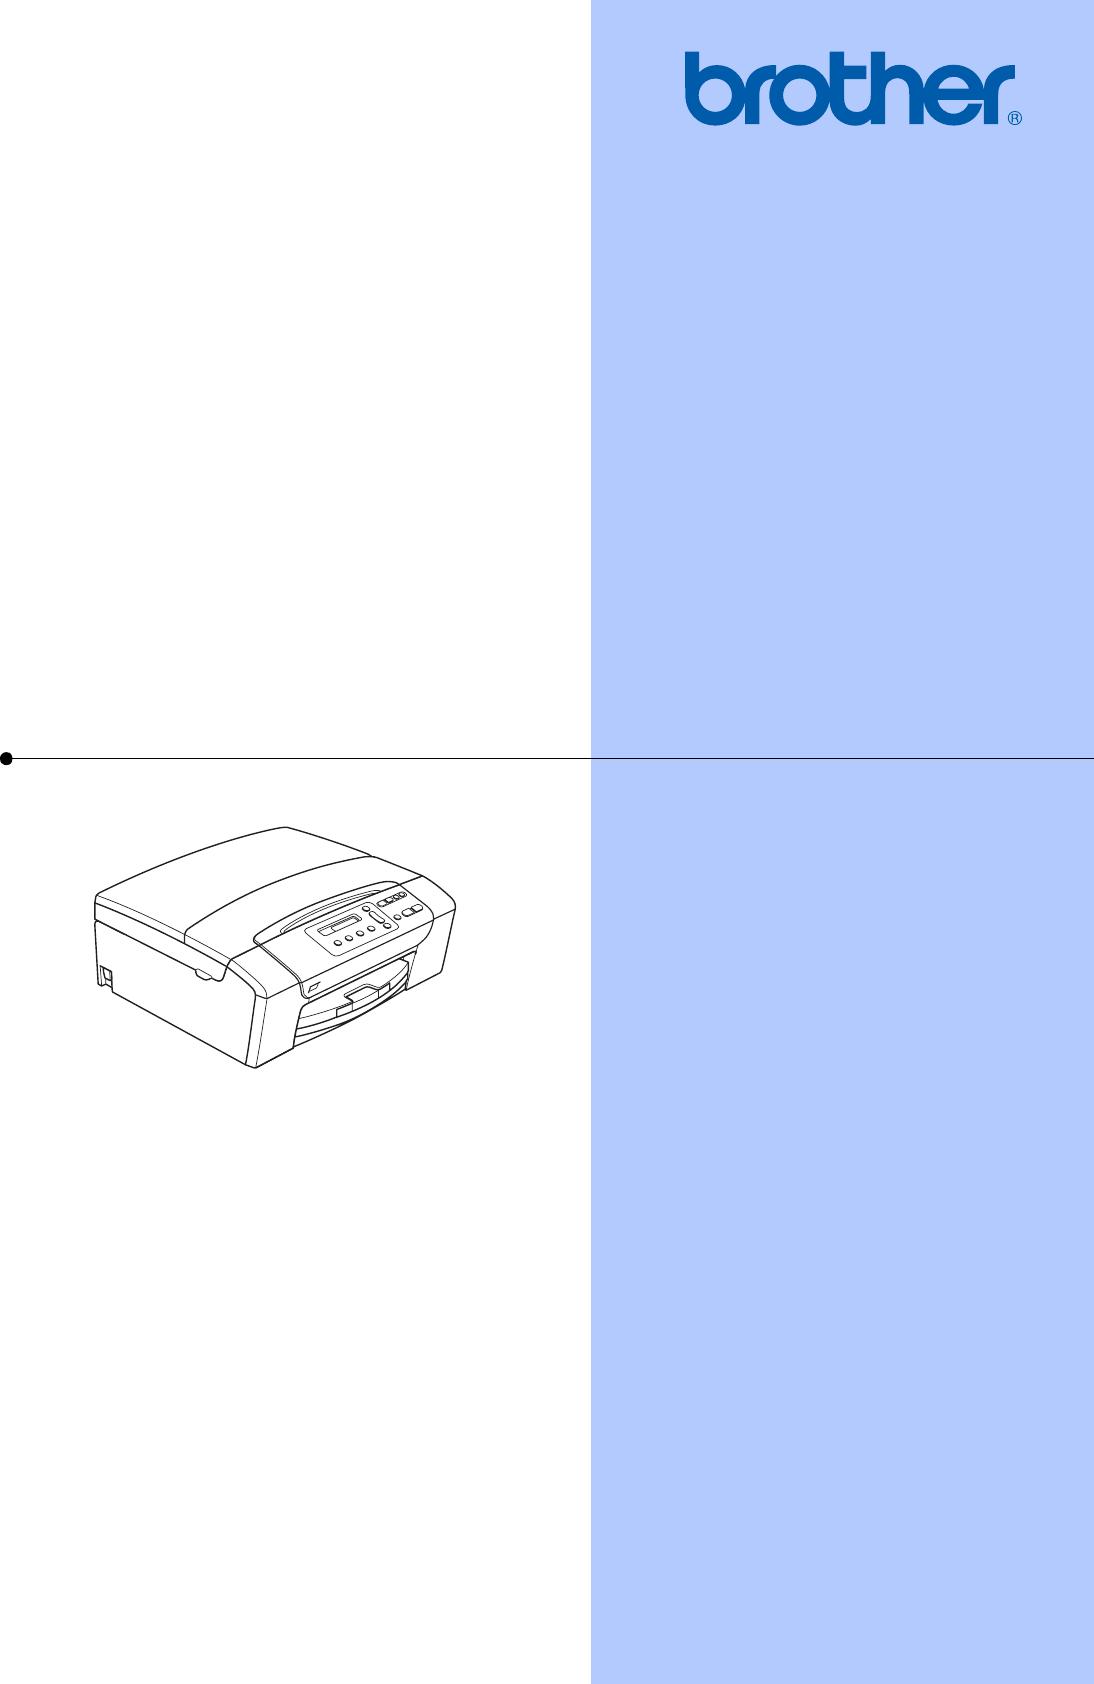 handleiding brother dcp 145c pagina 1 van 116 nederlands. Black Bedroom Furniture Sets. Home Design Ideas